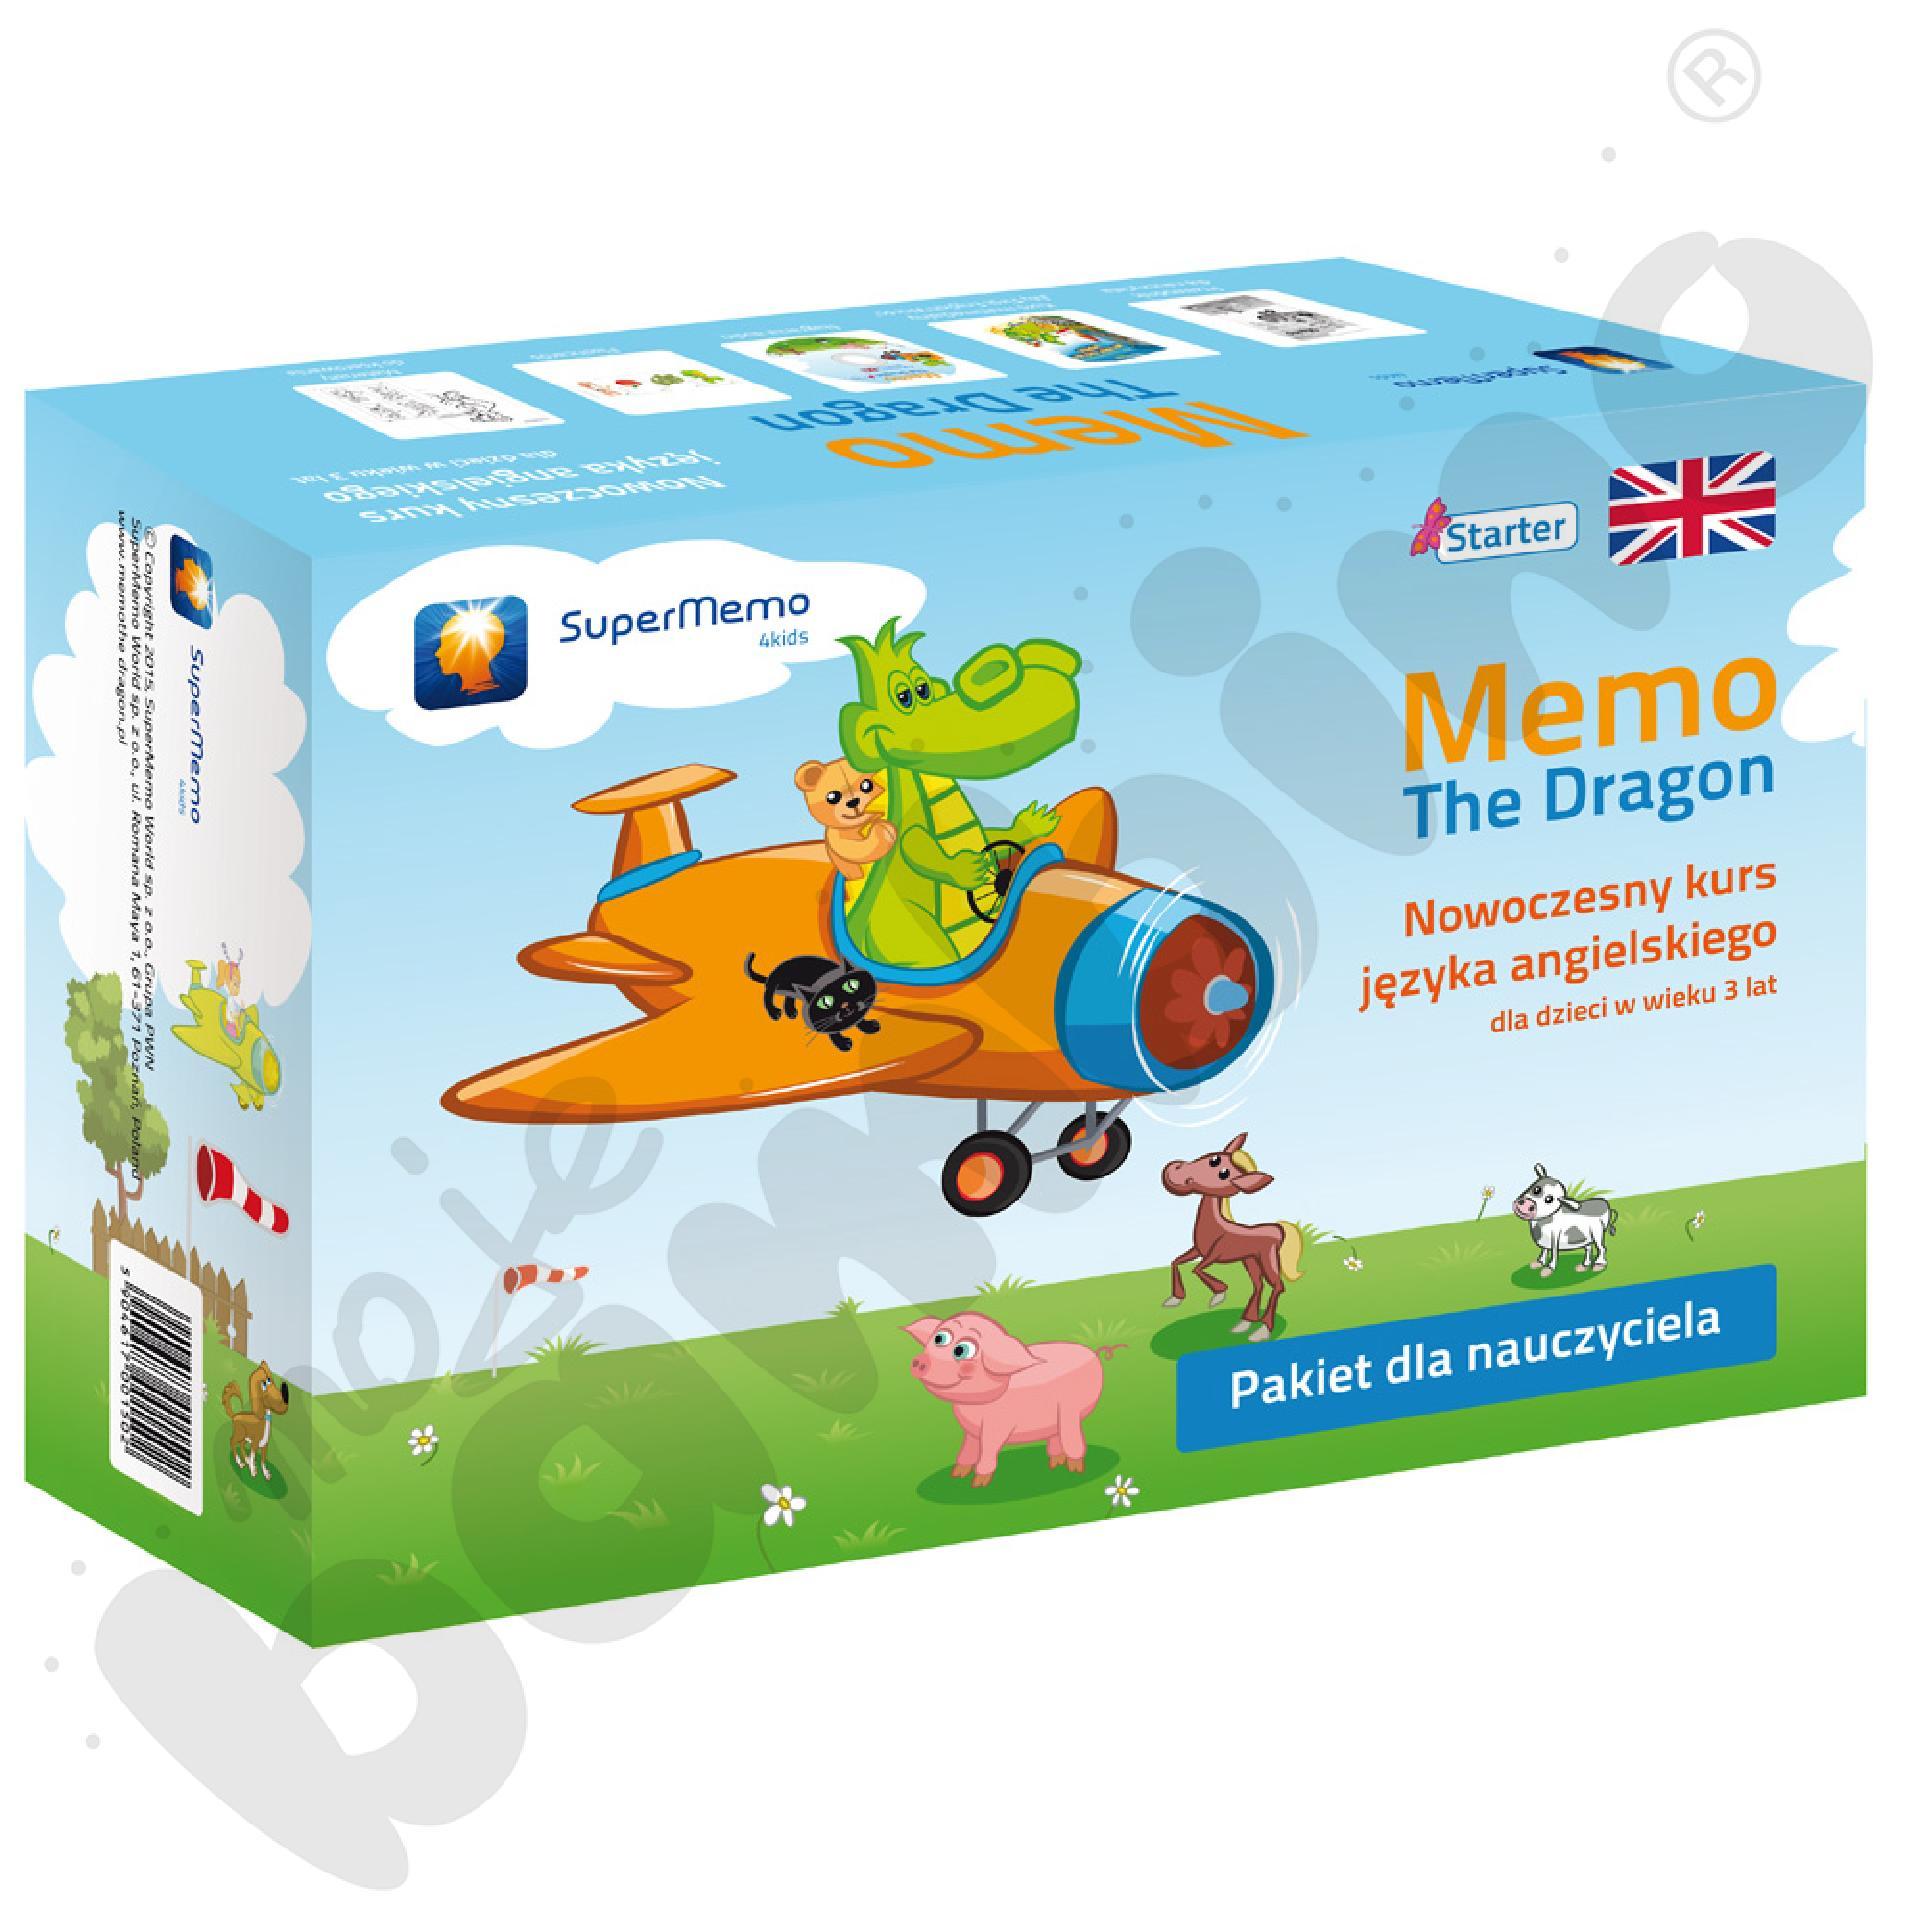 Kurs języka angielskiego Memo The Dragon Starter - pakiet dla nauczyciela